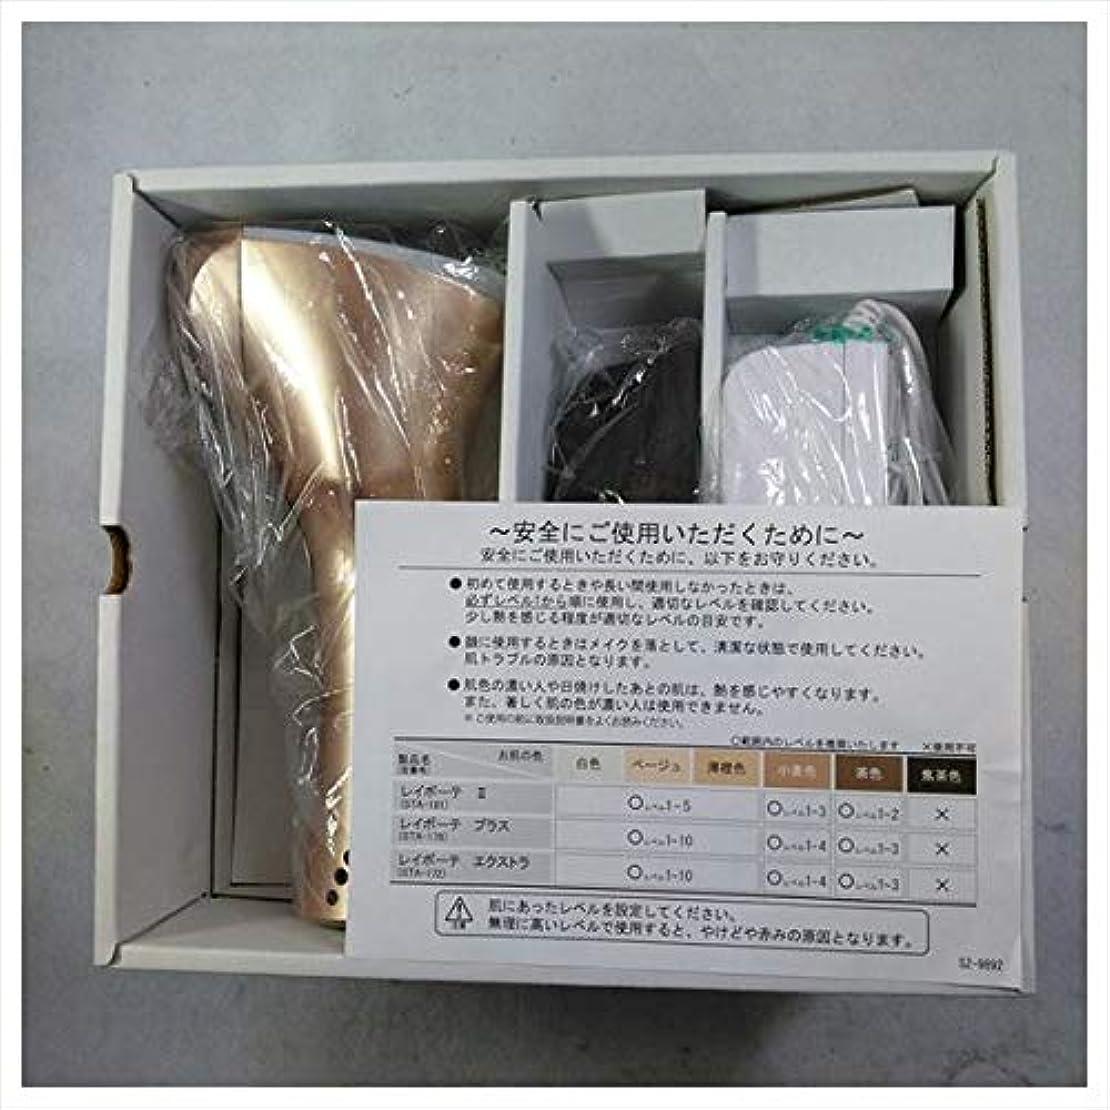 疫病むき出し背景ヤーマン レイボーテ プラス STA-178【日本製】